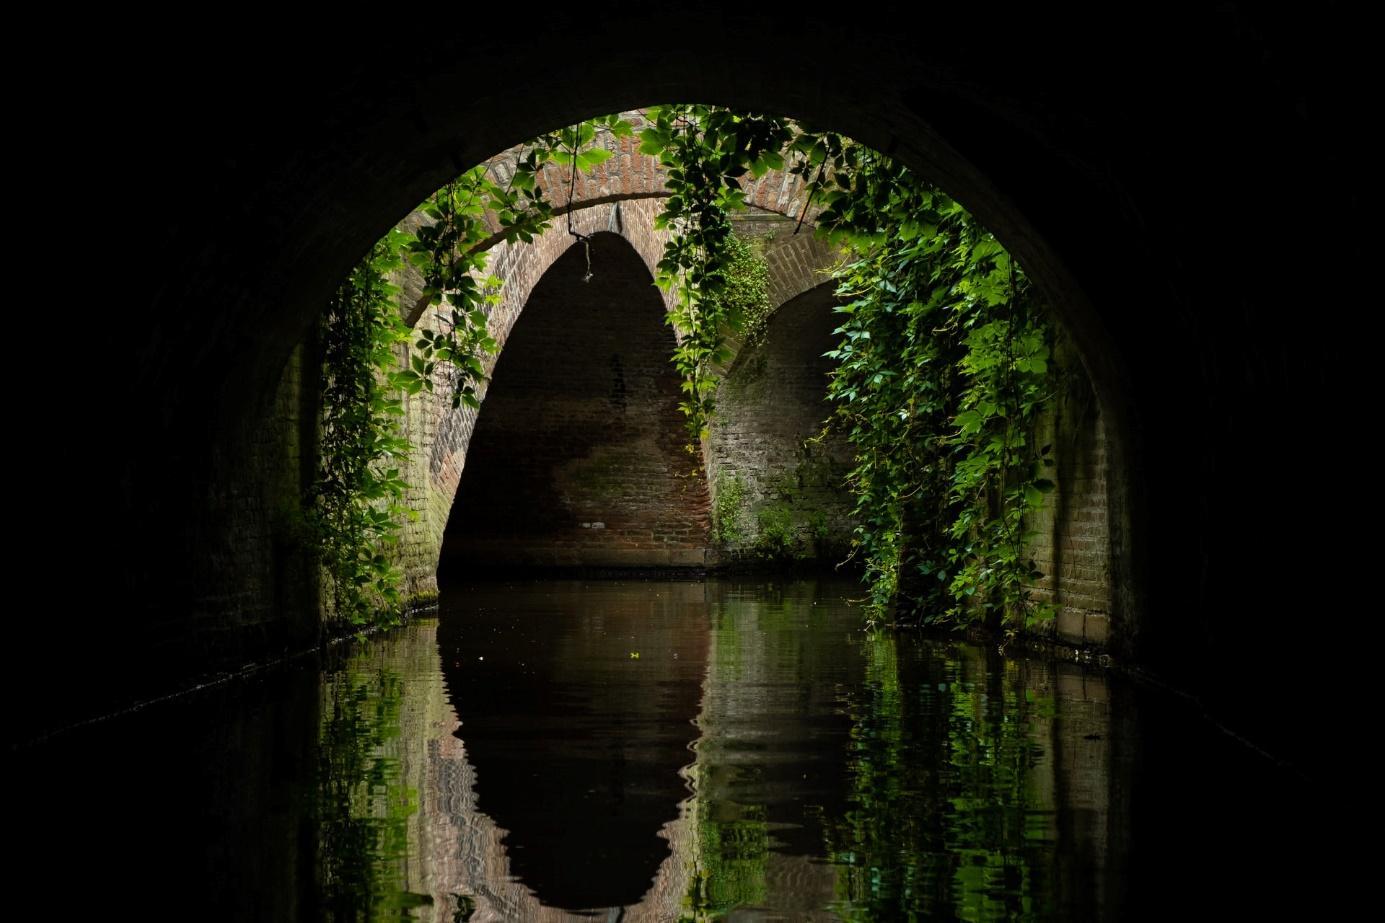 Afbeelding met water, weg, spoorwegtunnel, scène  Automatisch gegenereerde beschrijving